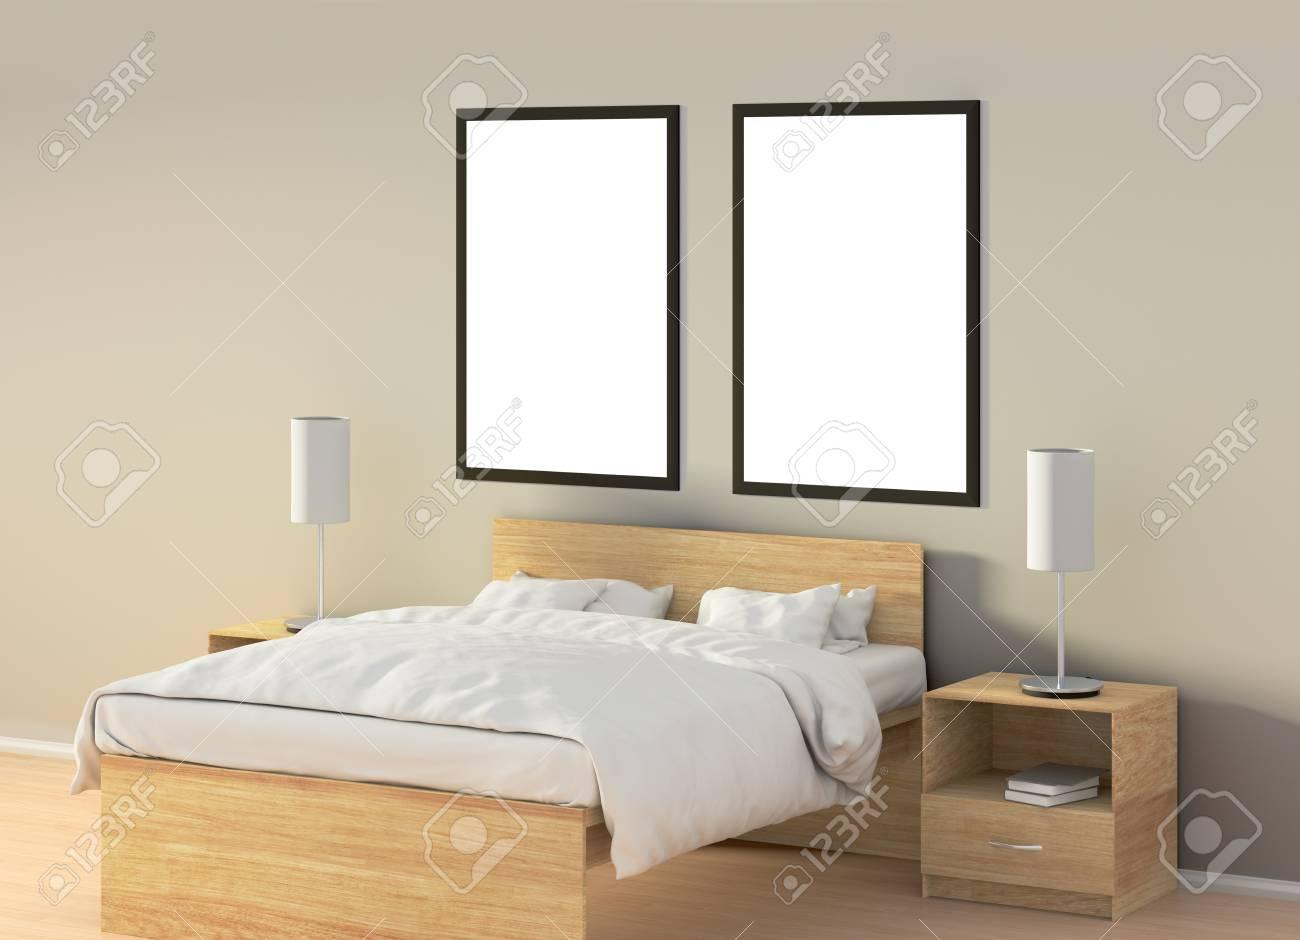 Zwei Leere Vertikale Poster Im Schlafzimmer über Holzbett. Mit ...